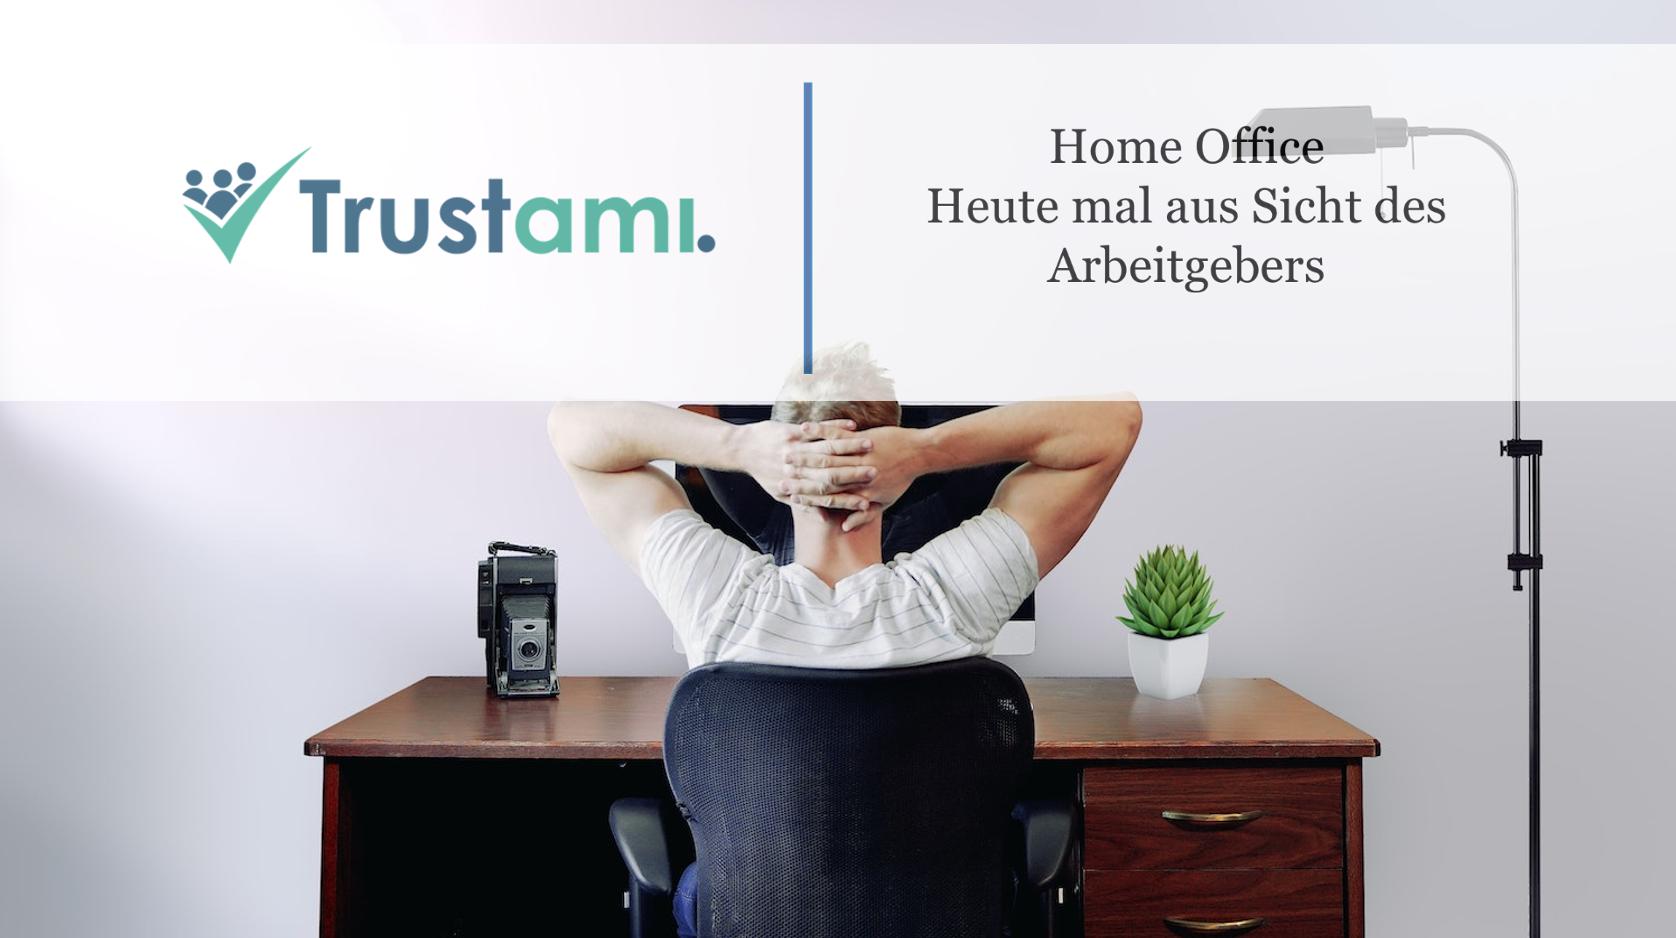 Home Office Bedingungen für den Arbeitgeber